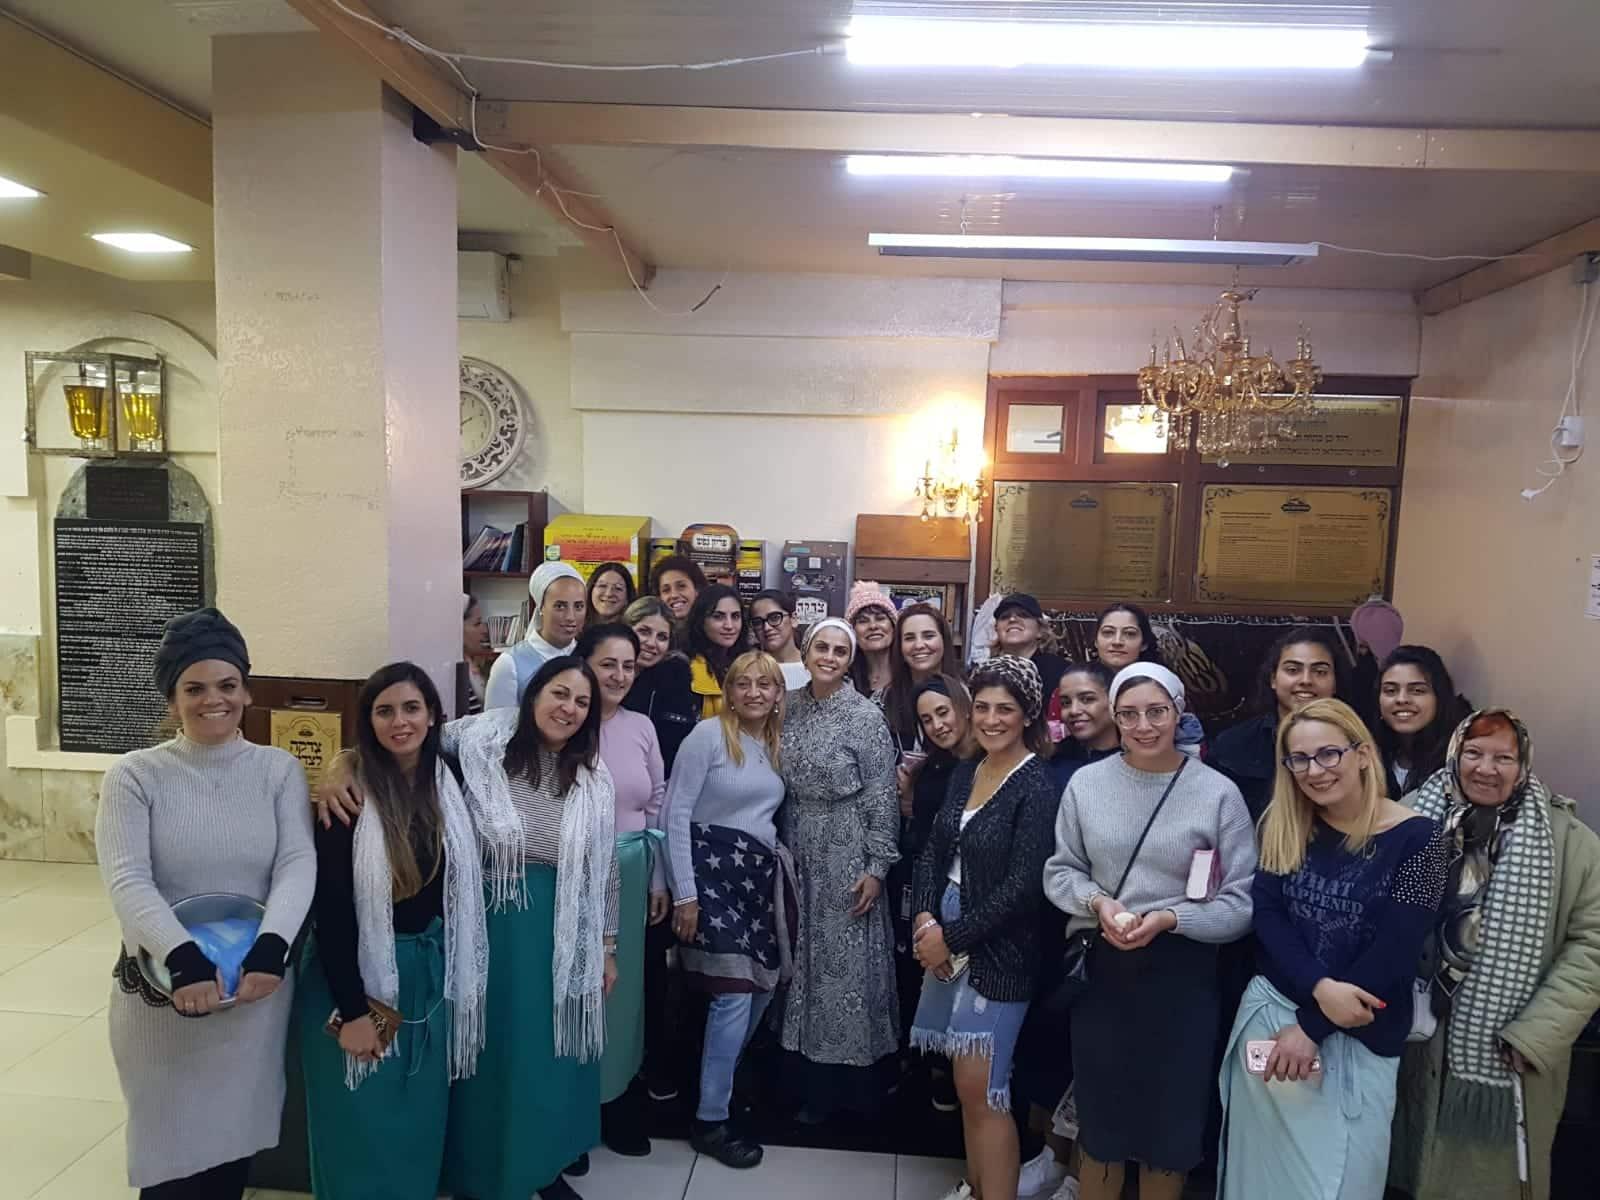 קבוצת נשים בציון של רבי נחמן